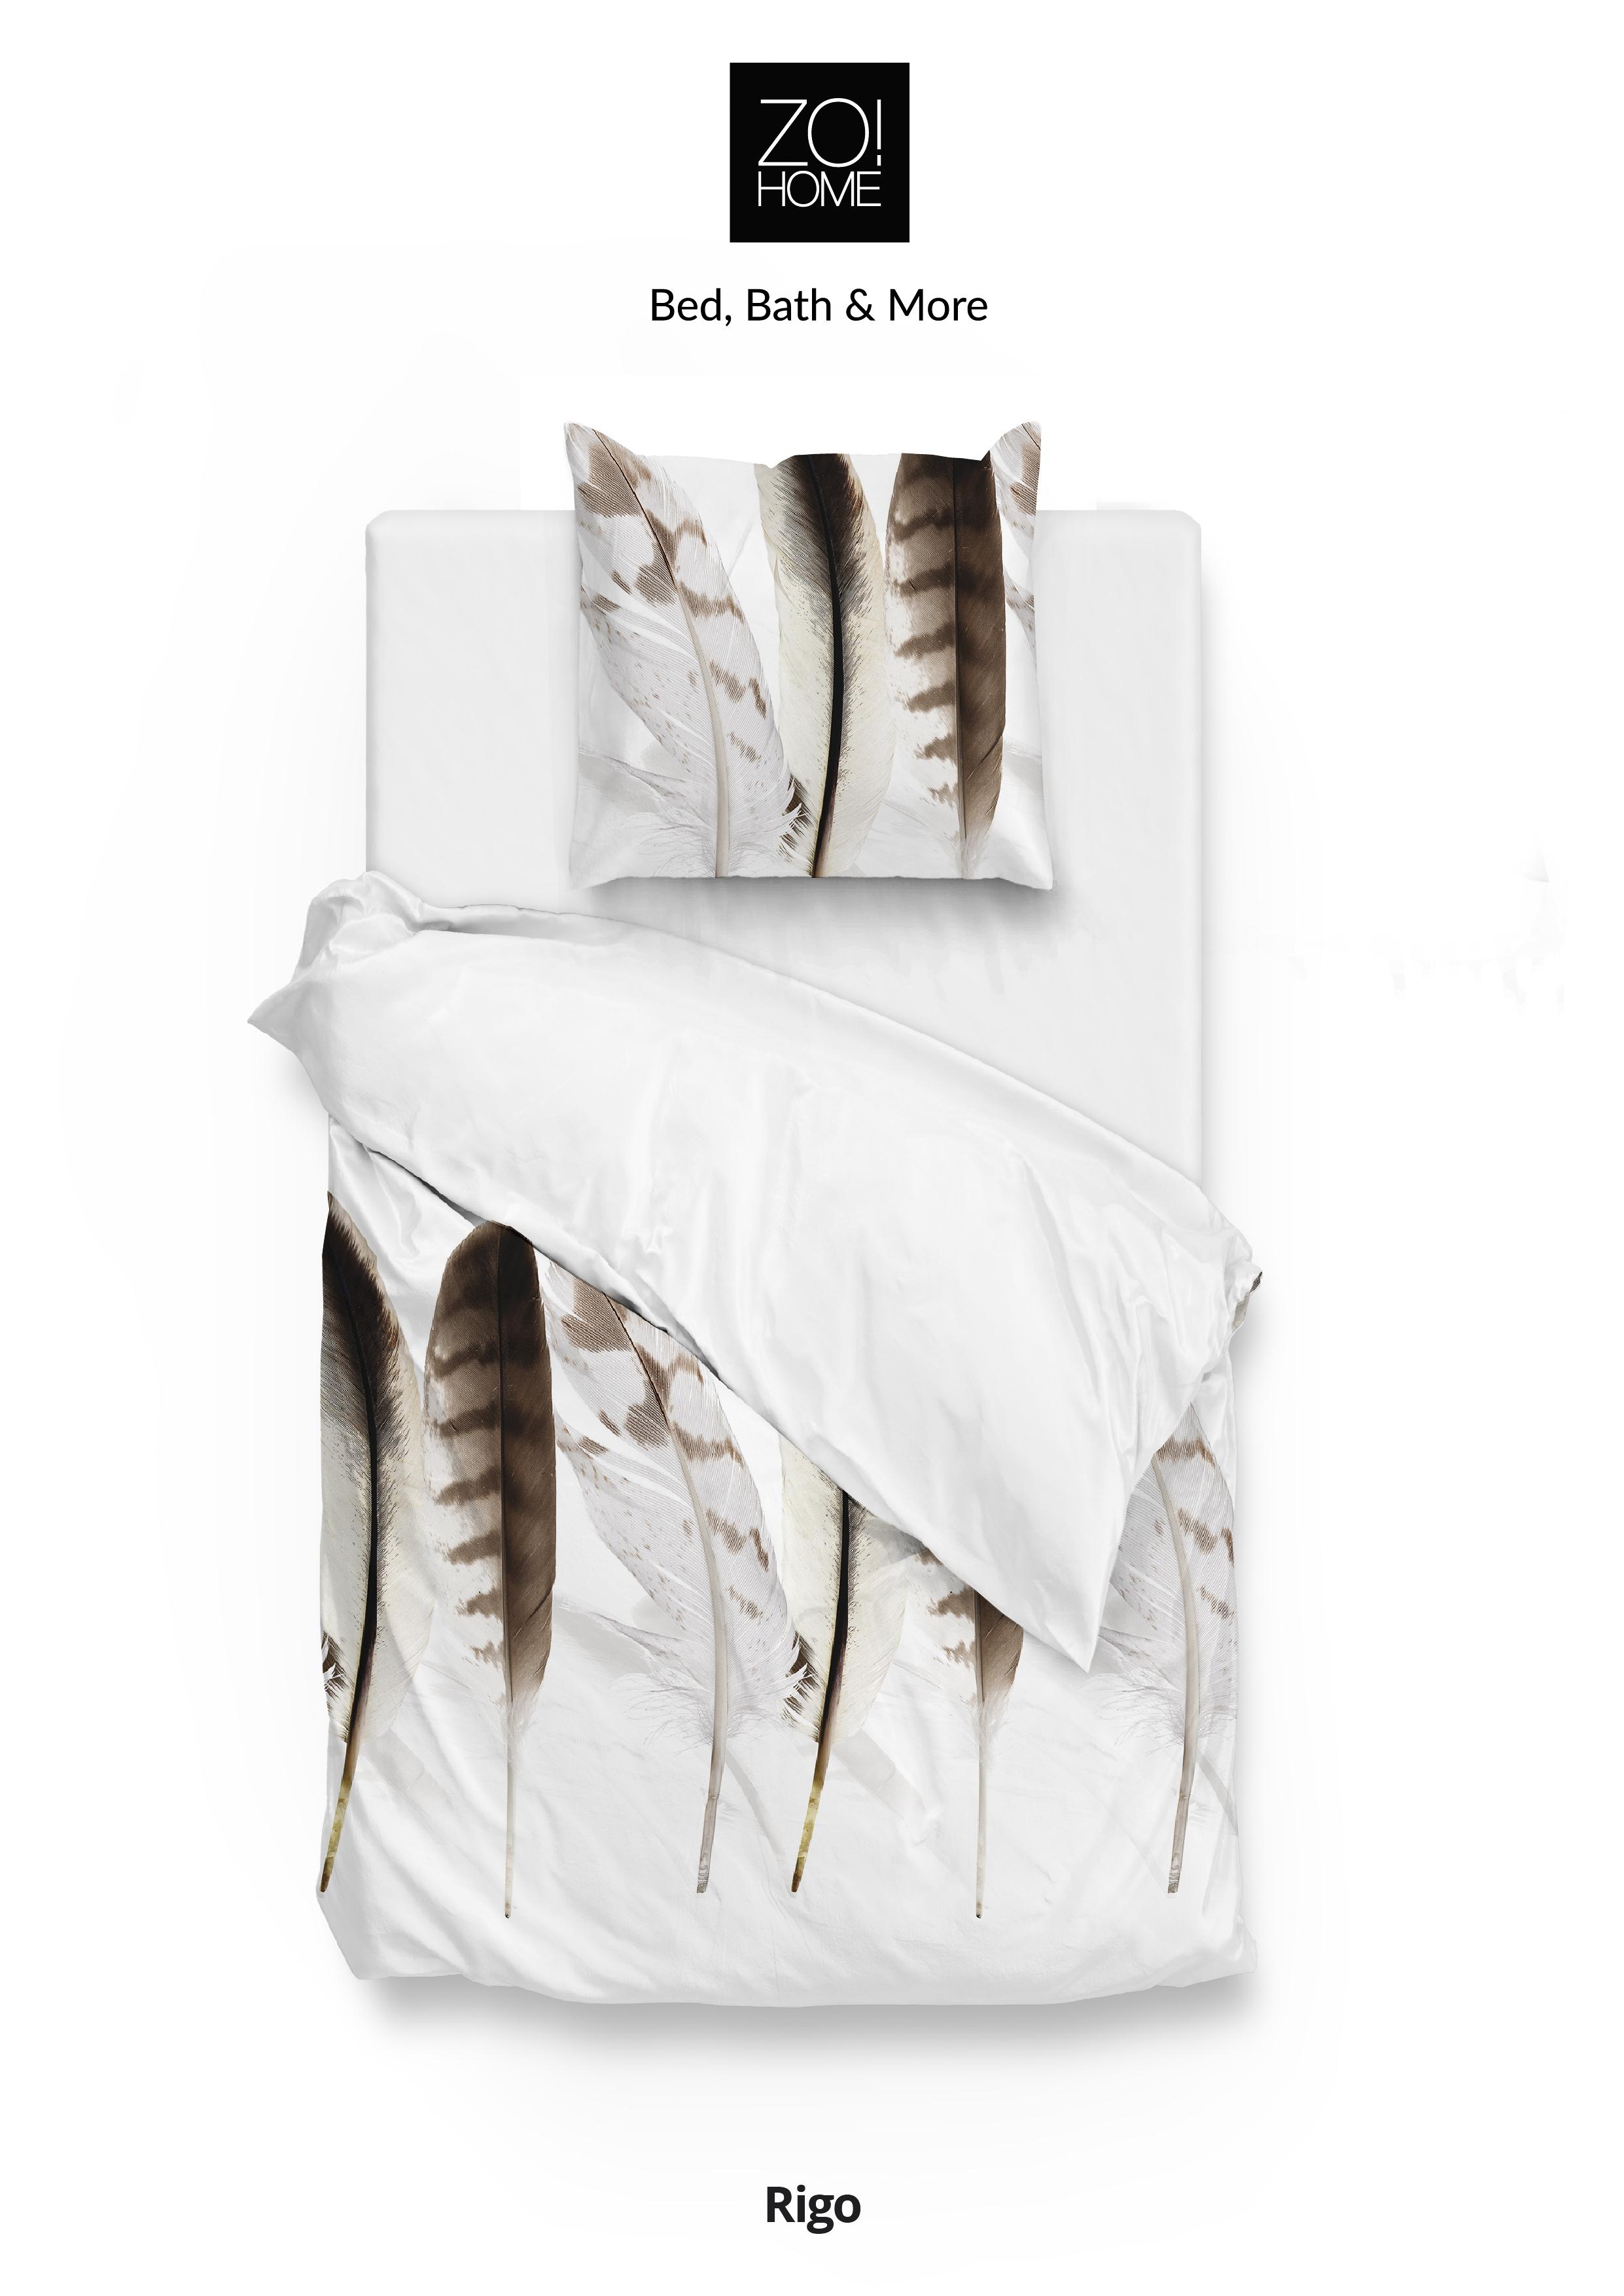 Bettwäsche Baumwolle Mako Satin Rigo White 155x220 80x80 Cm Von Zo